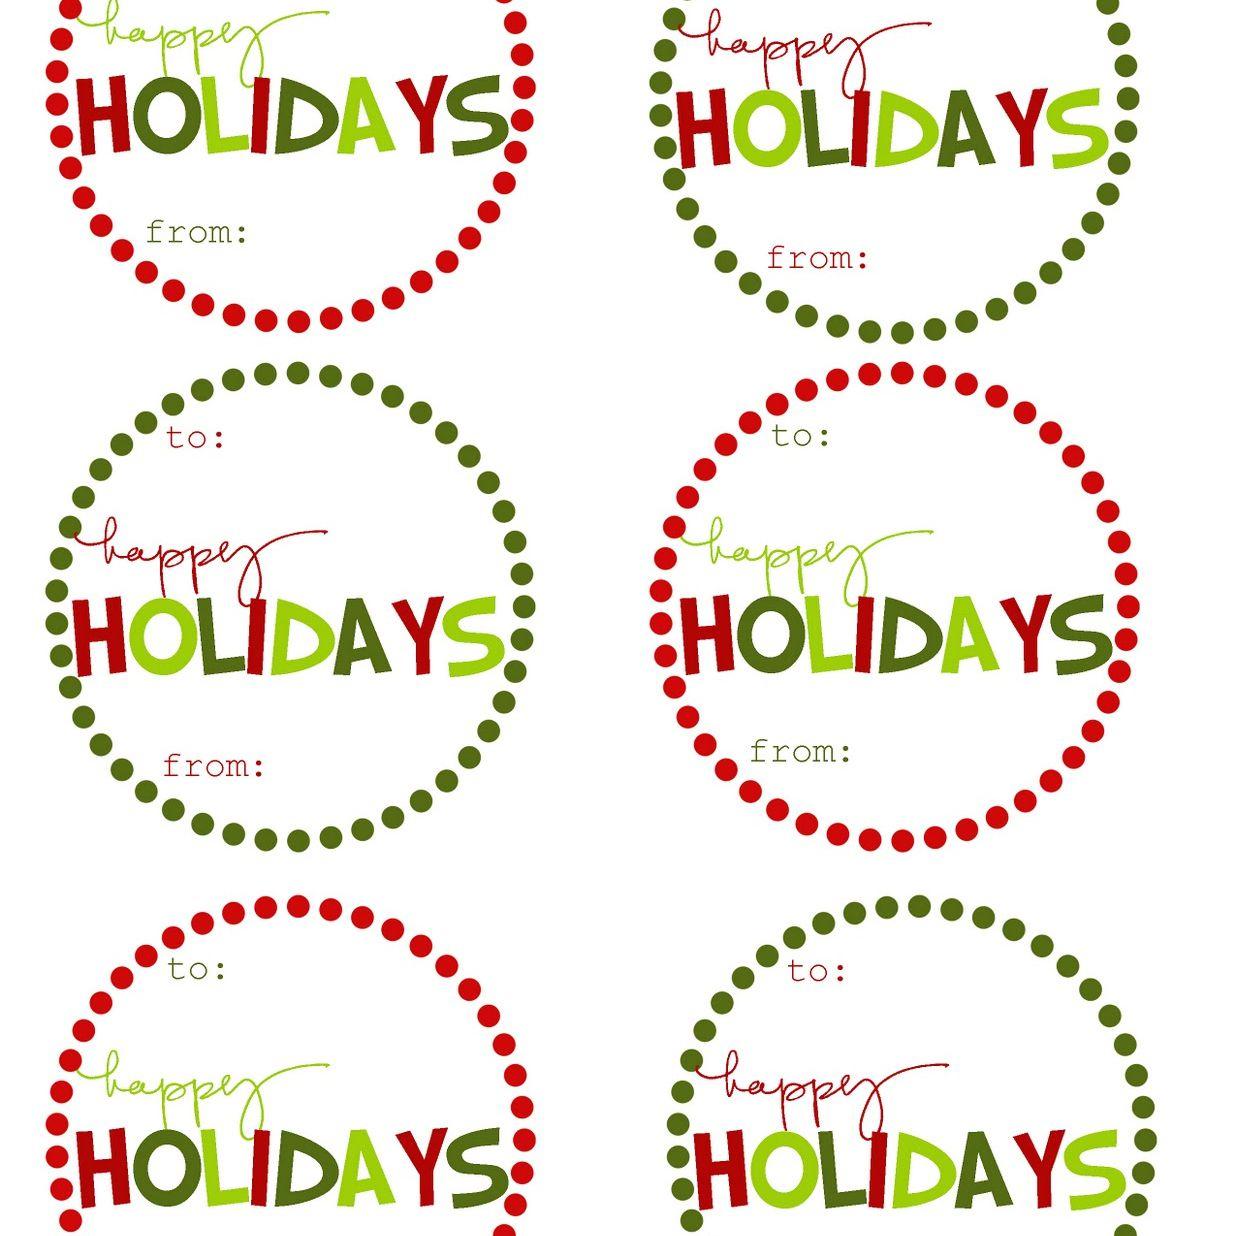 40 Sets Of Free Printable Christmas Gift Tags - Free Online Gift Tags Printable